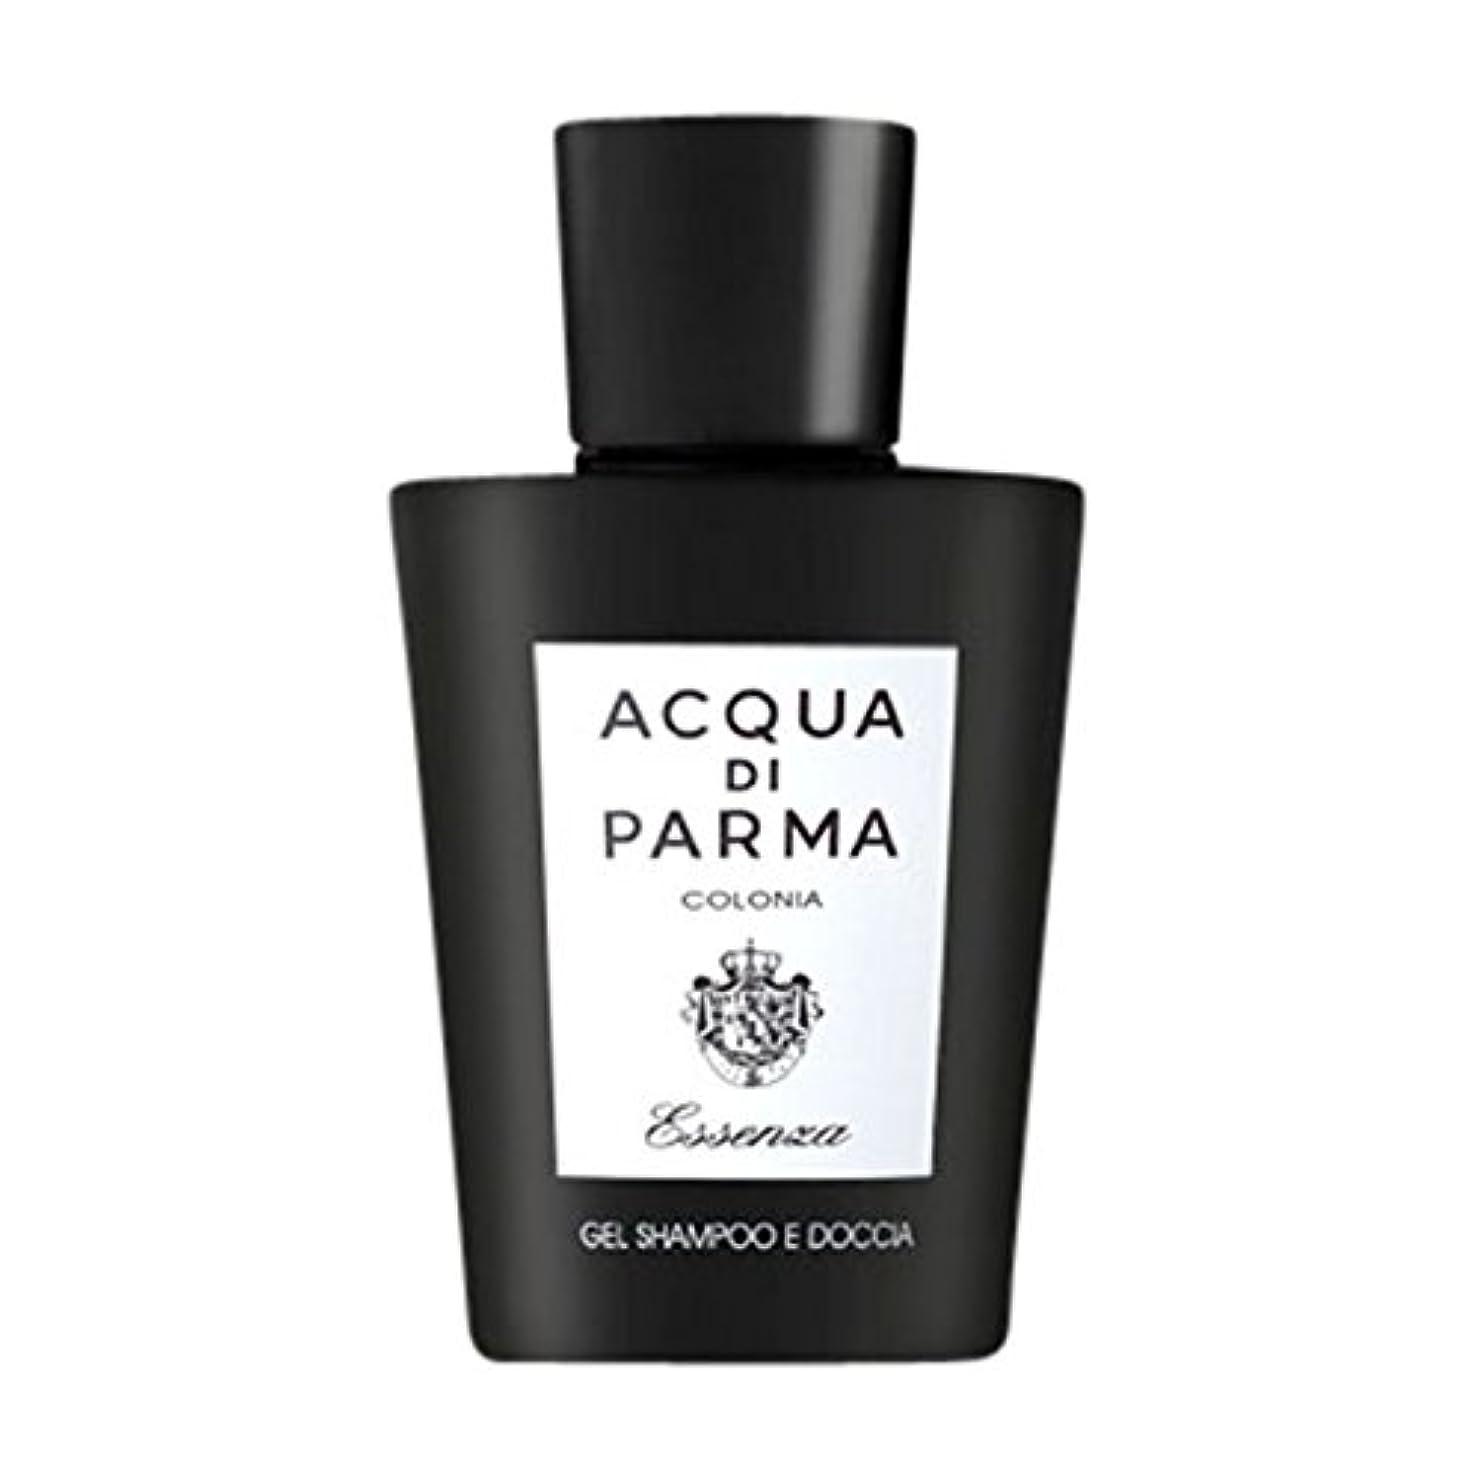 バングラデシュ恥ずかしさむしゃむしゃアクアディパルマコロニアEssenza髪とシャワージェル200ミリリットル (Acqua di Parma) (x6) - Acqua di Parma Colonia Essenza Hair and Shower Gel 200ml (Pack of 6) [並行輸入品]